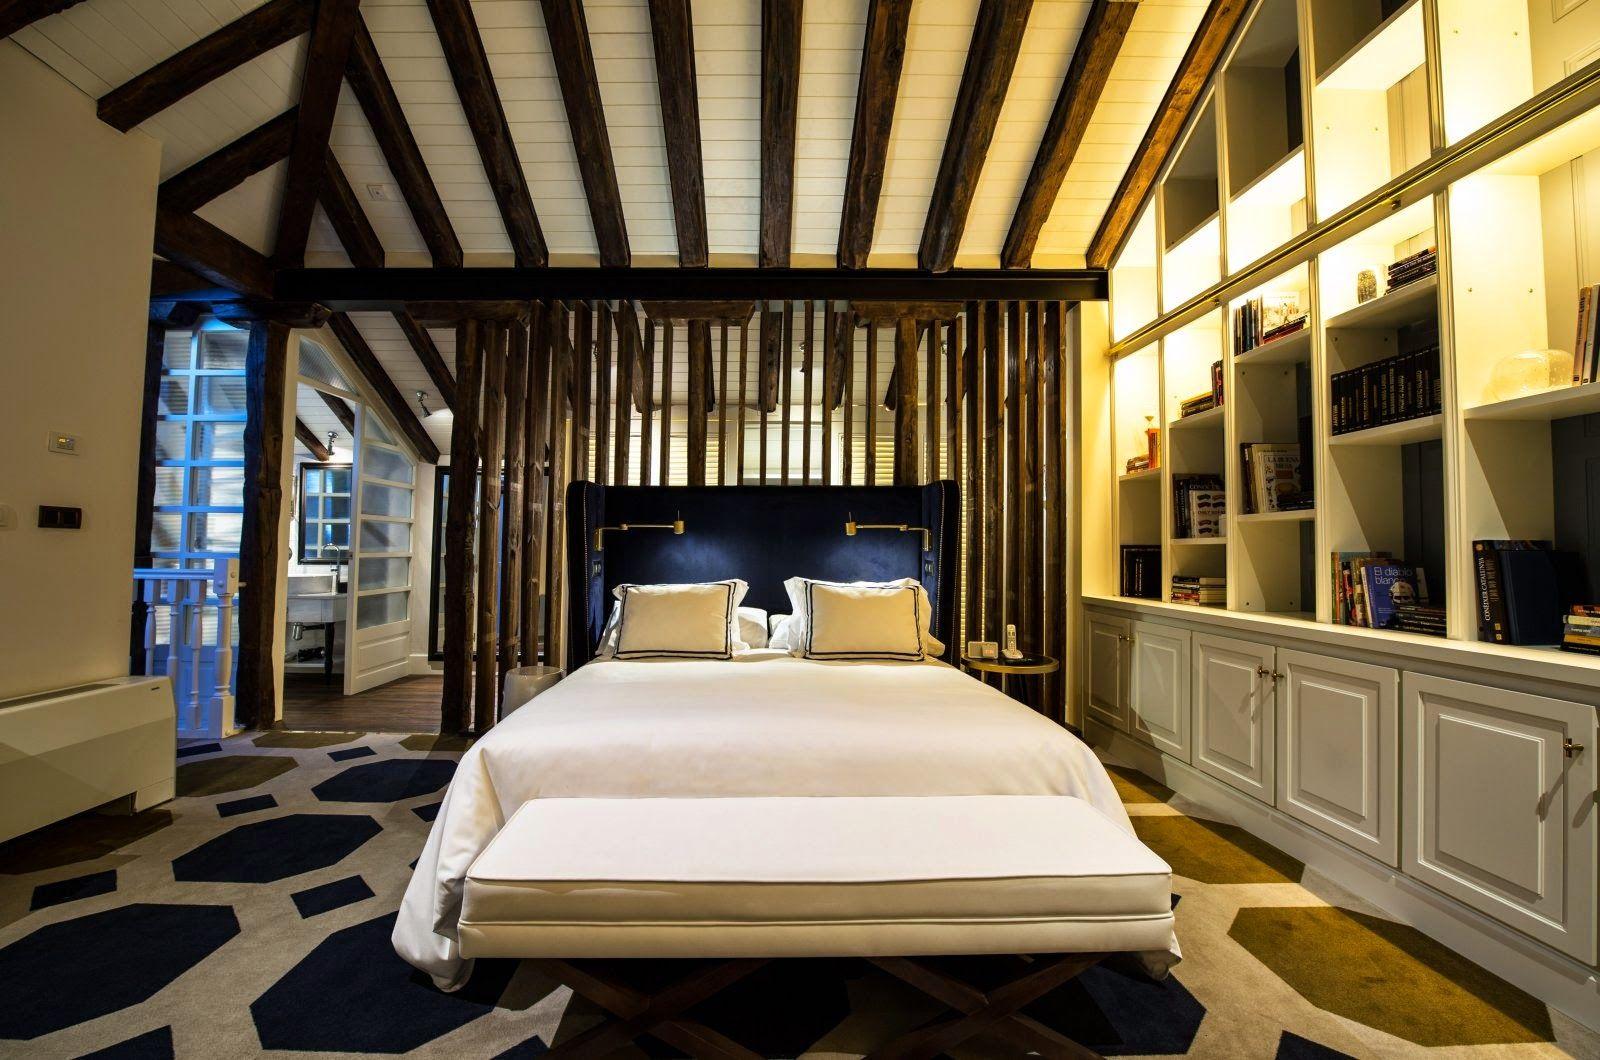 Un hotel cargado de encanto en pleno corazón de Madrid.